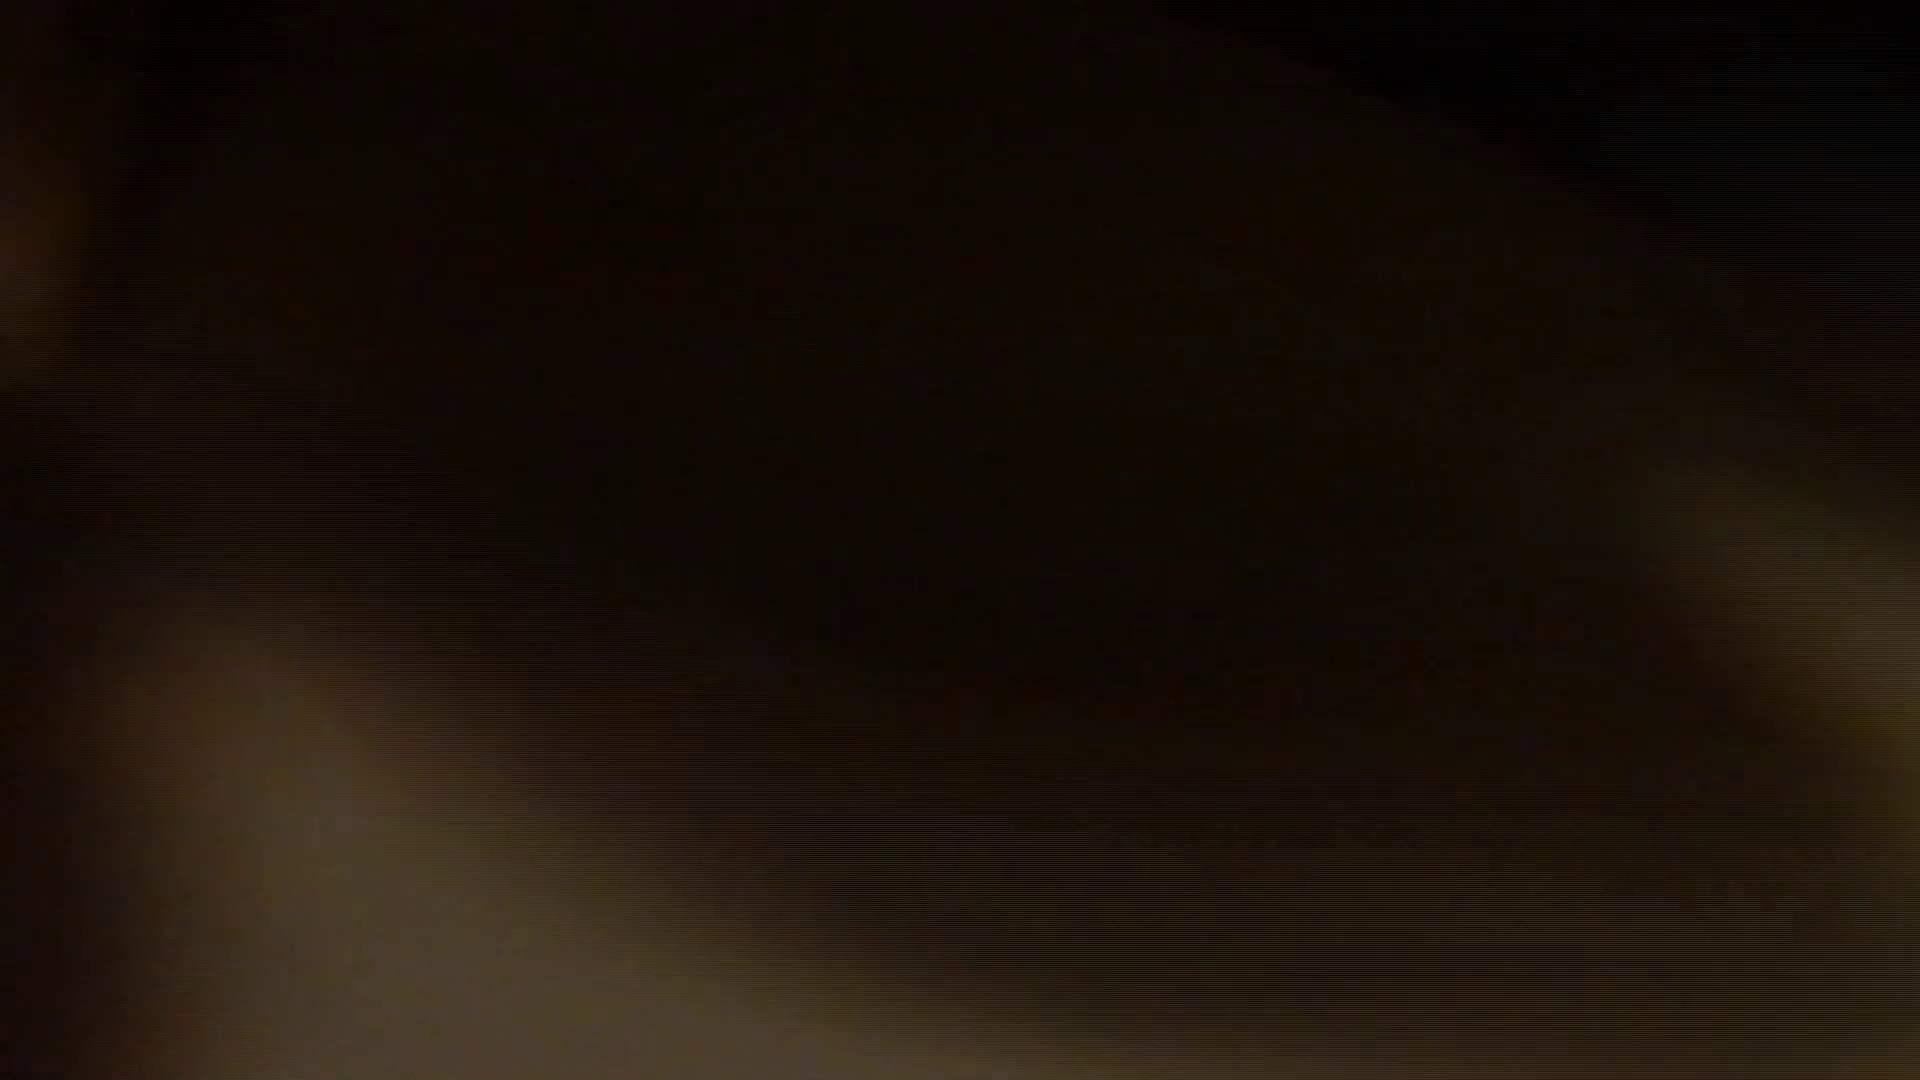 新世界の射窓 No78 トリンドル 玲奈似登場シリーズ美女率最高作! 高画質  89PIX 26